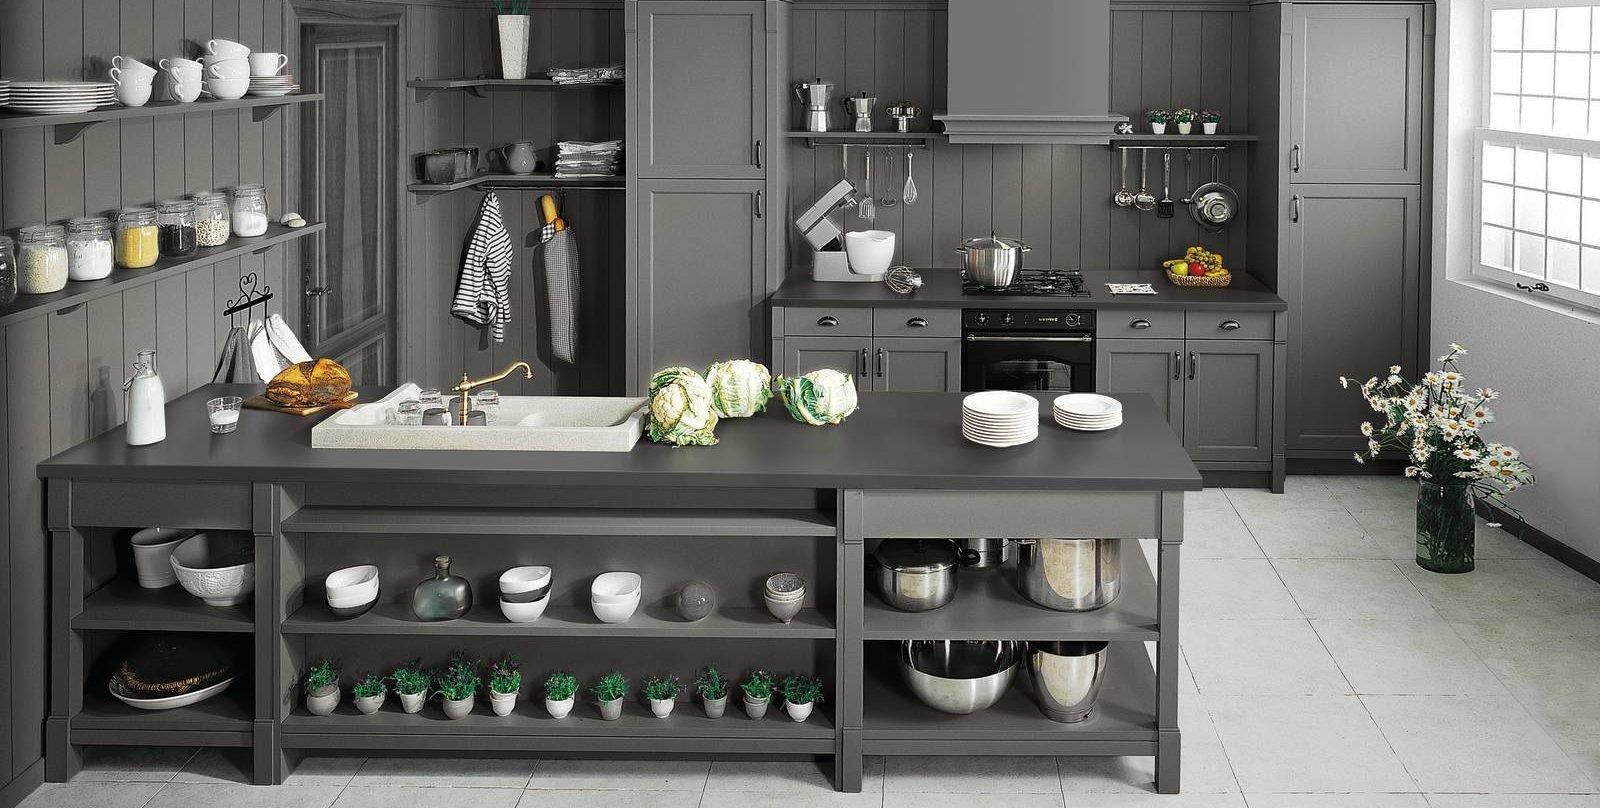 Schmidt p067 cose di casa - Cucine in stile country ...